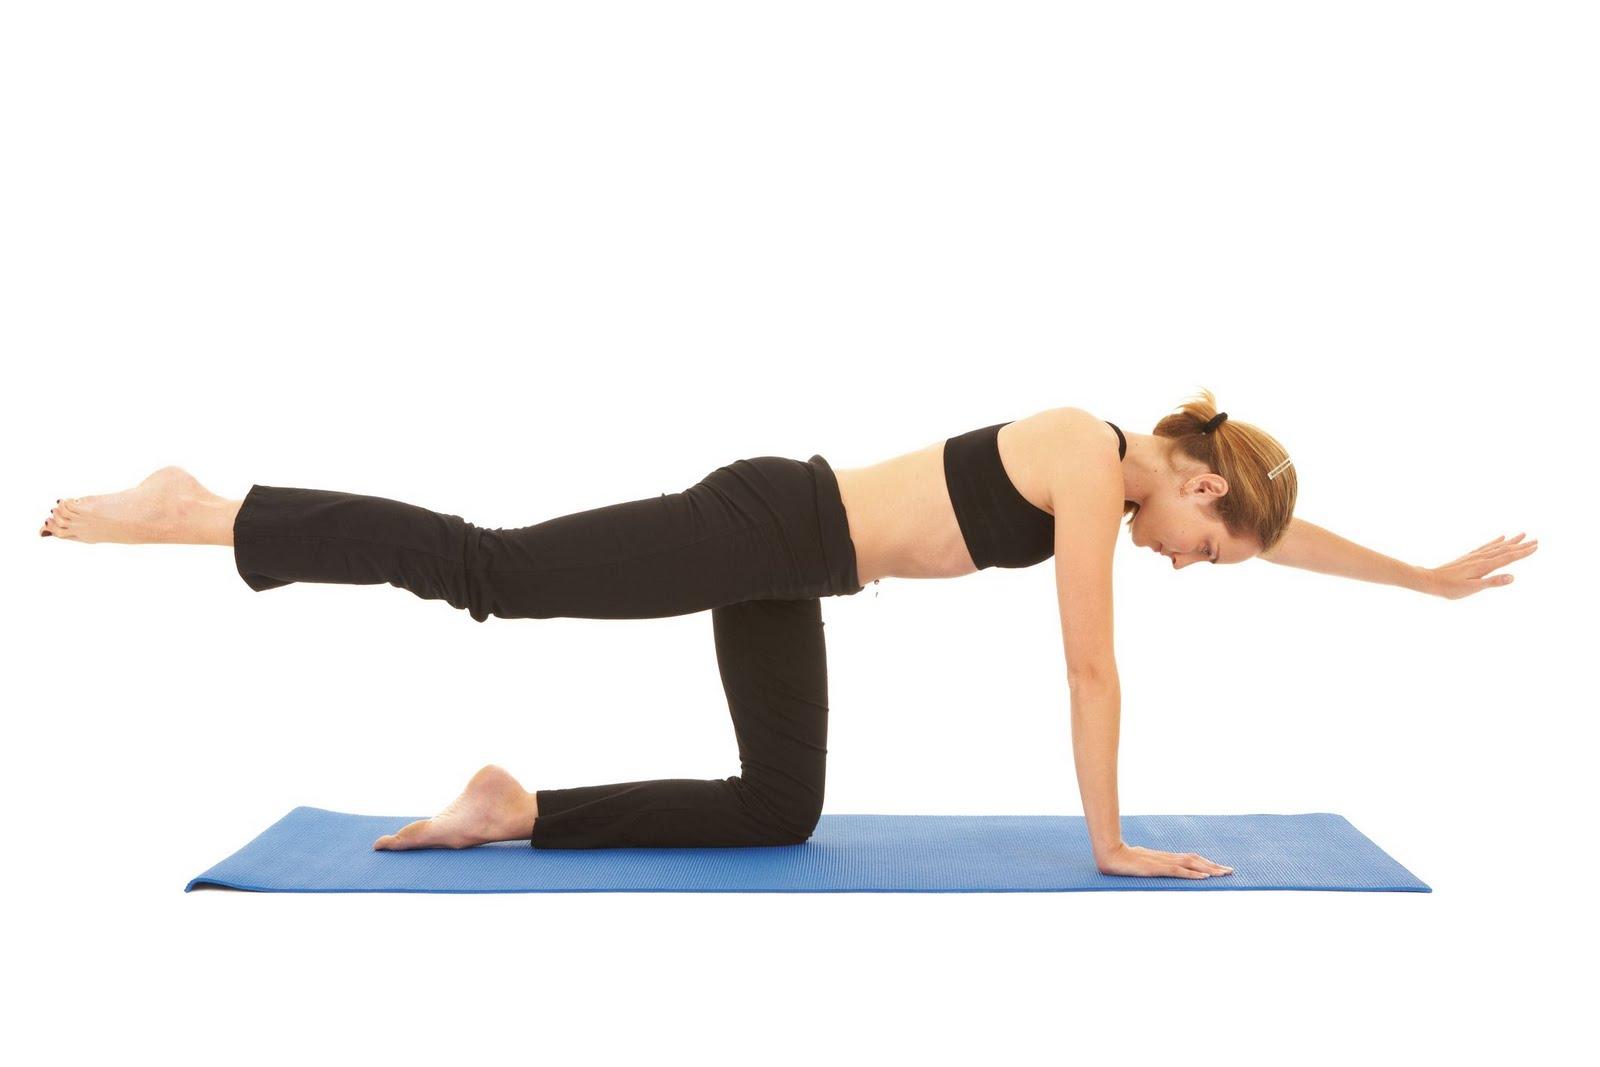 Упражнения системы пилатес для похудения